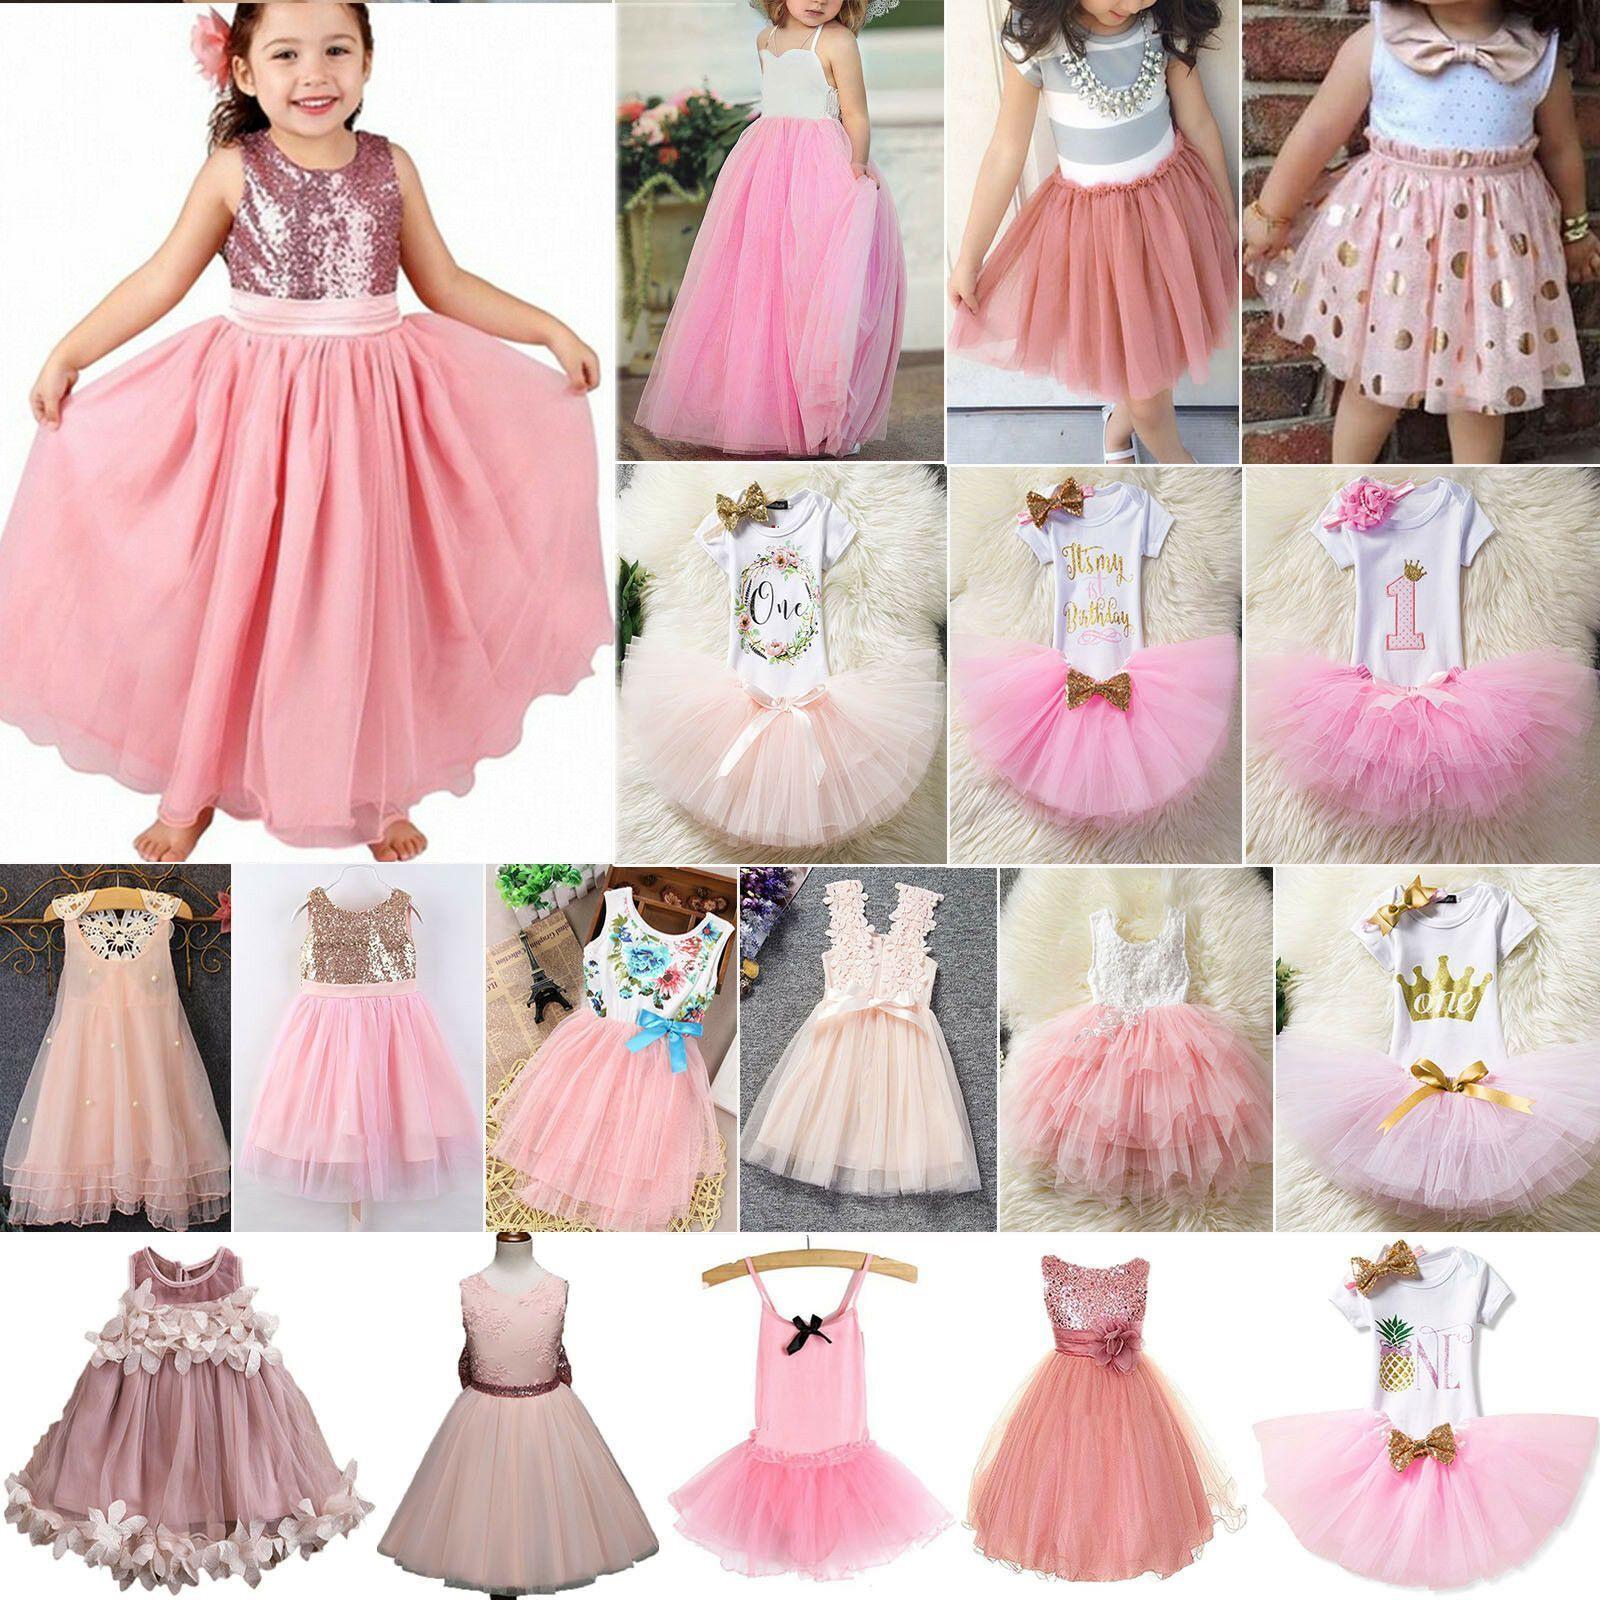 Kinder Mädchen Prinzessin Partykleid Tüll Tutu Kleider